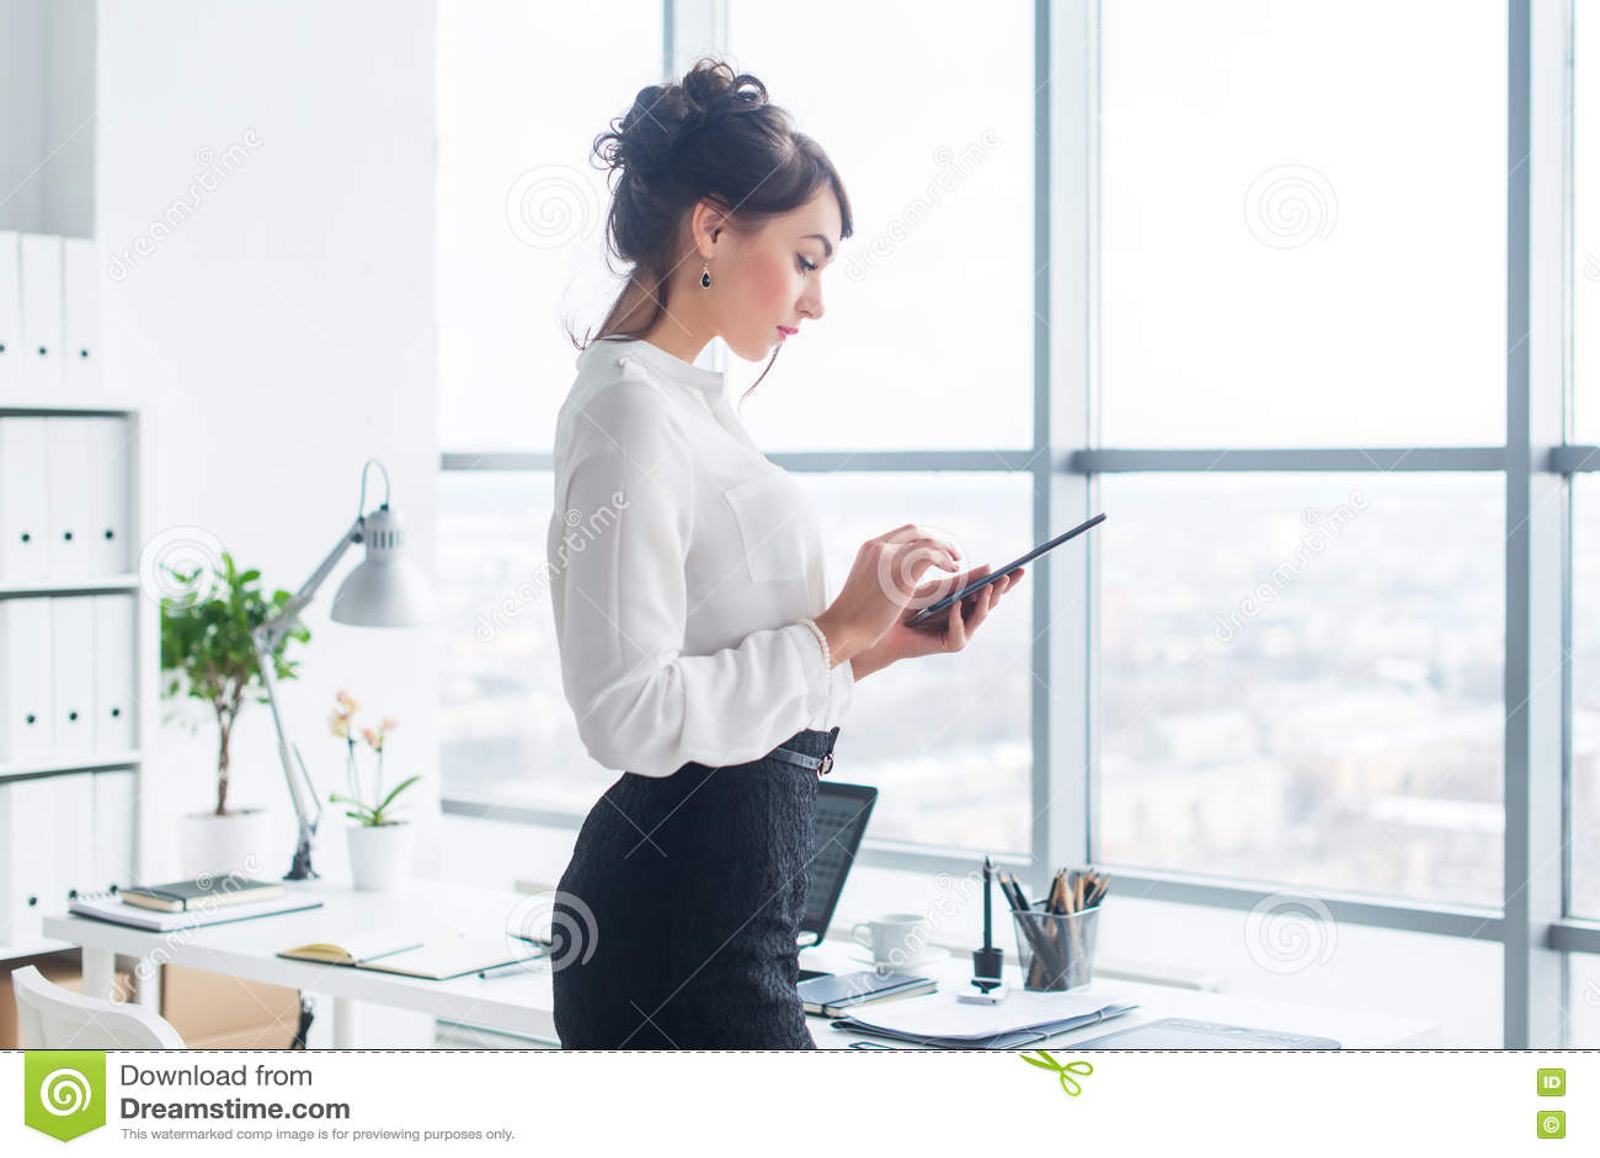 特写镜头发短信给,传送和读信息的雇员的侧视图画象在她的断裂期间在工作场所